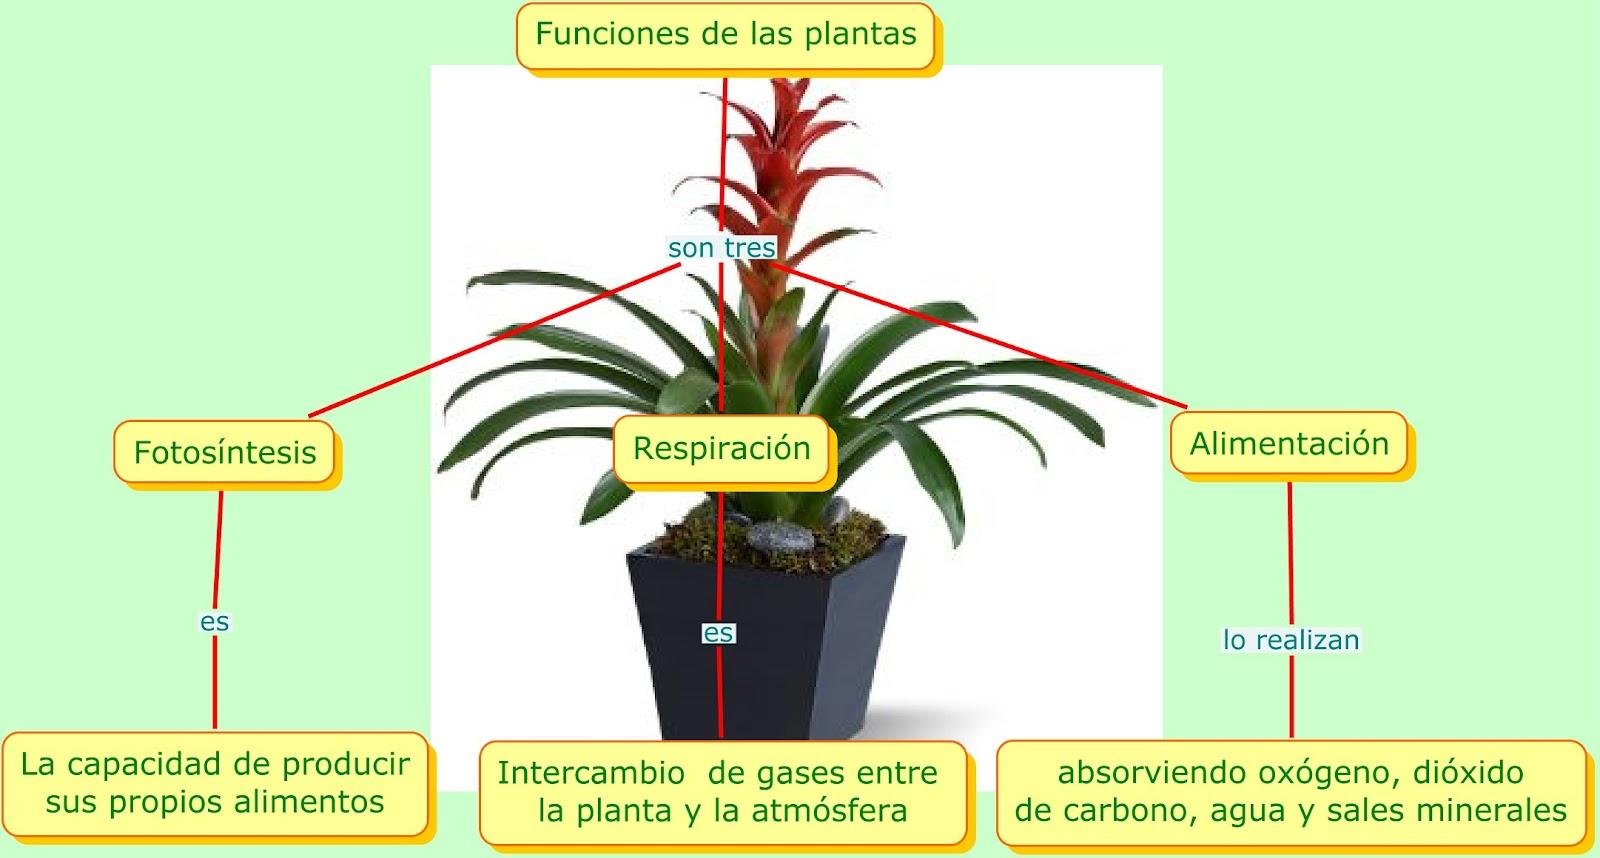 Plantas qu funciones cumplen las plantas for Funcion de las plantas ornamentales